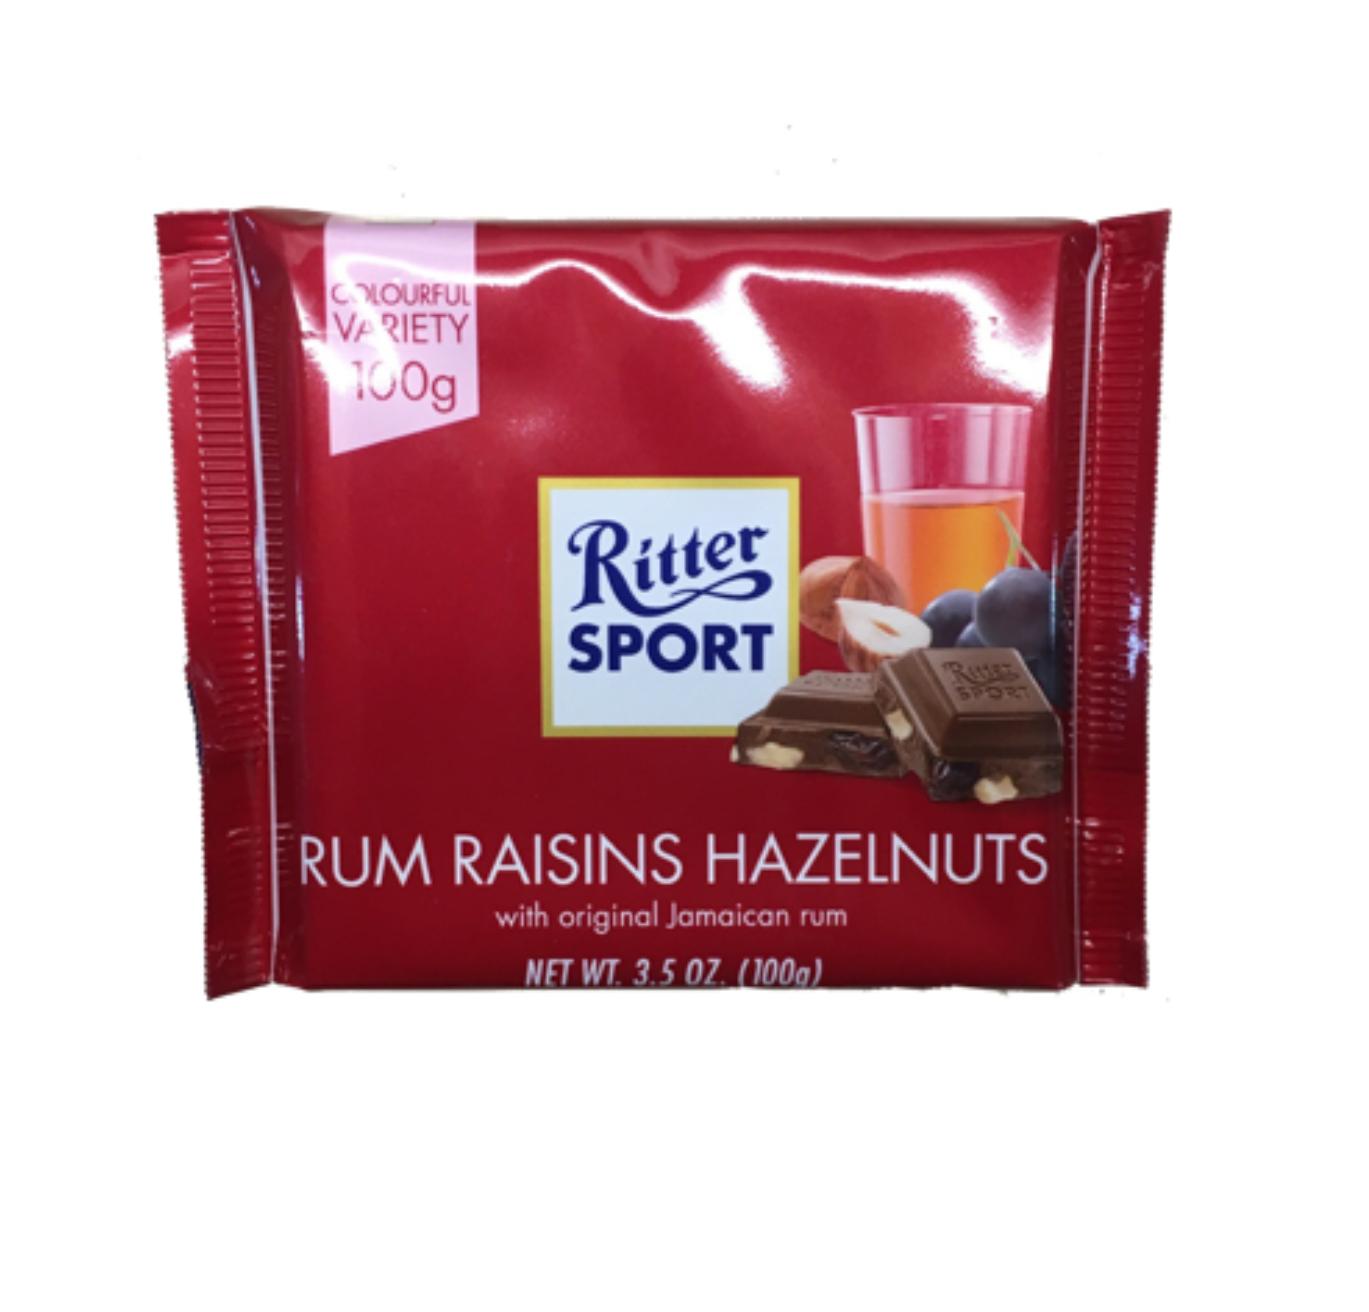 Czekolada Ritter Sport 100g - Rum i bakalie: 3zł, z Karmelowym musem: 3.5zł, oraz z ciętymi orzechami 3.5zł. Auchan